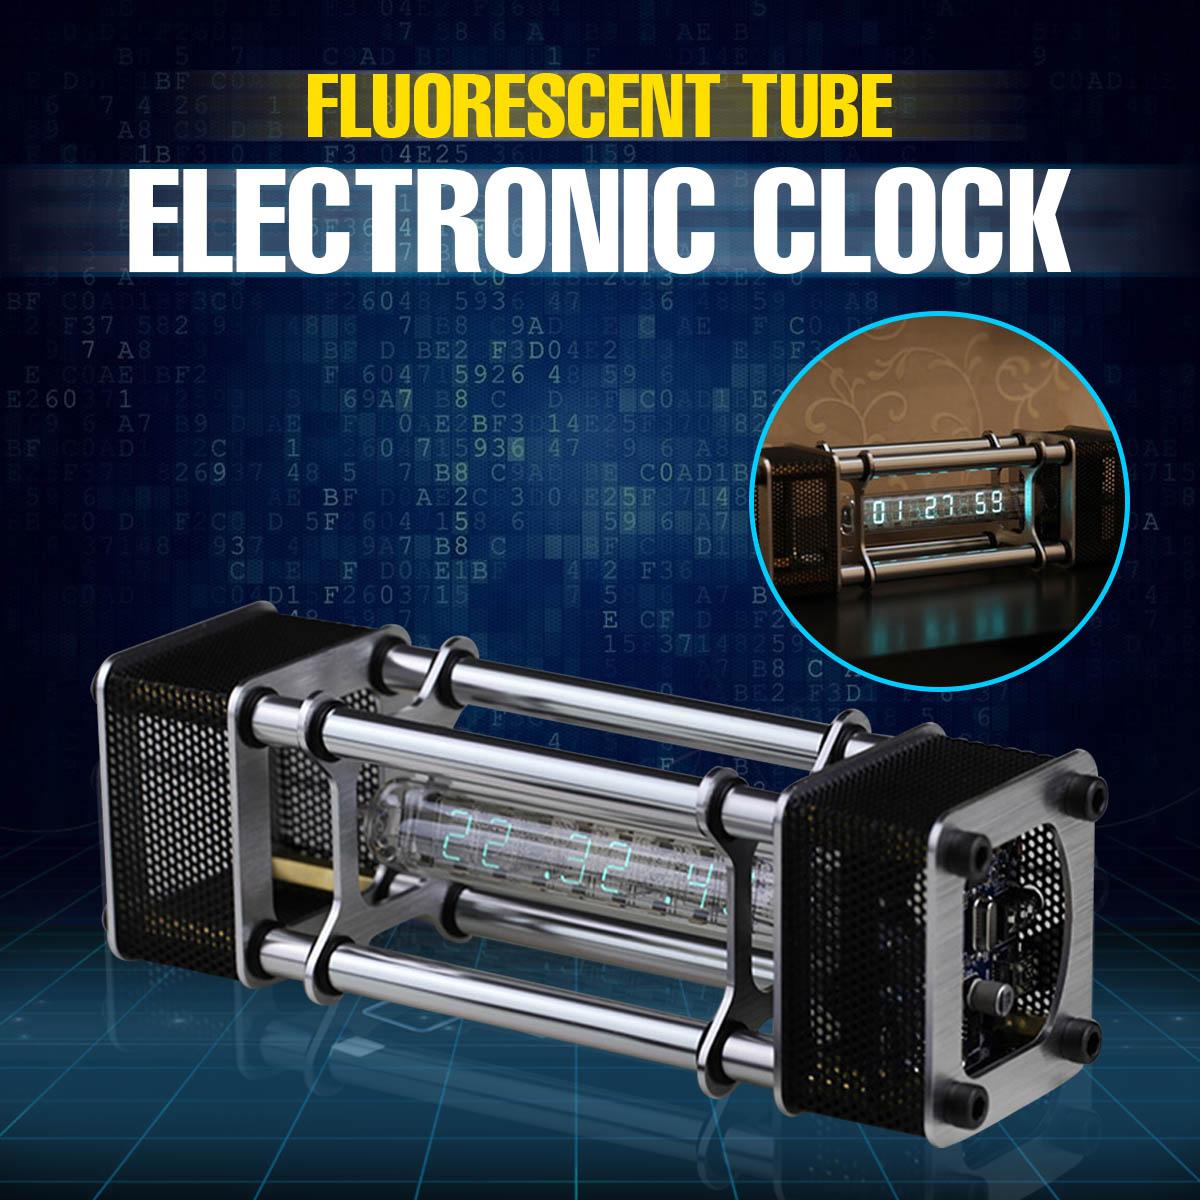 Kit d'horloge électronique à Tube Fluorescent IV-18 non assemblé bricolage 6 pilier d'énergie à affichage numérique avec Module de commande à distance